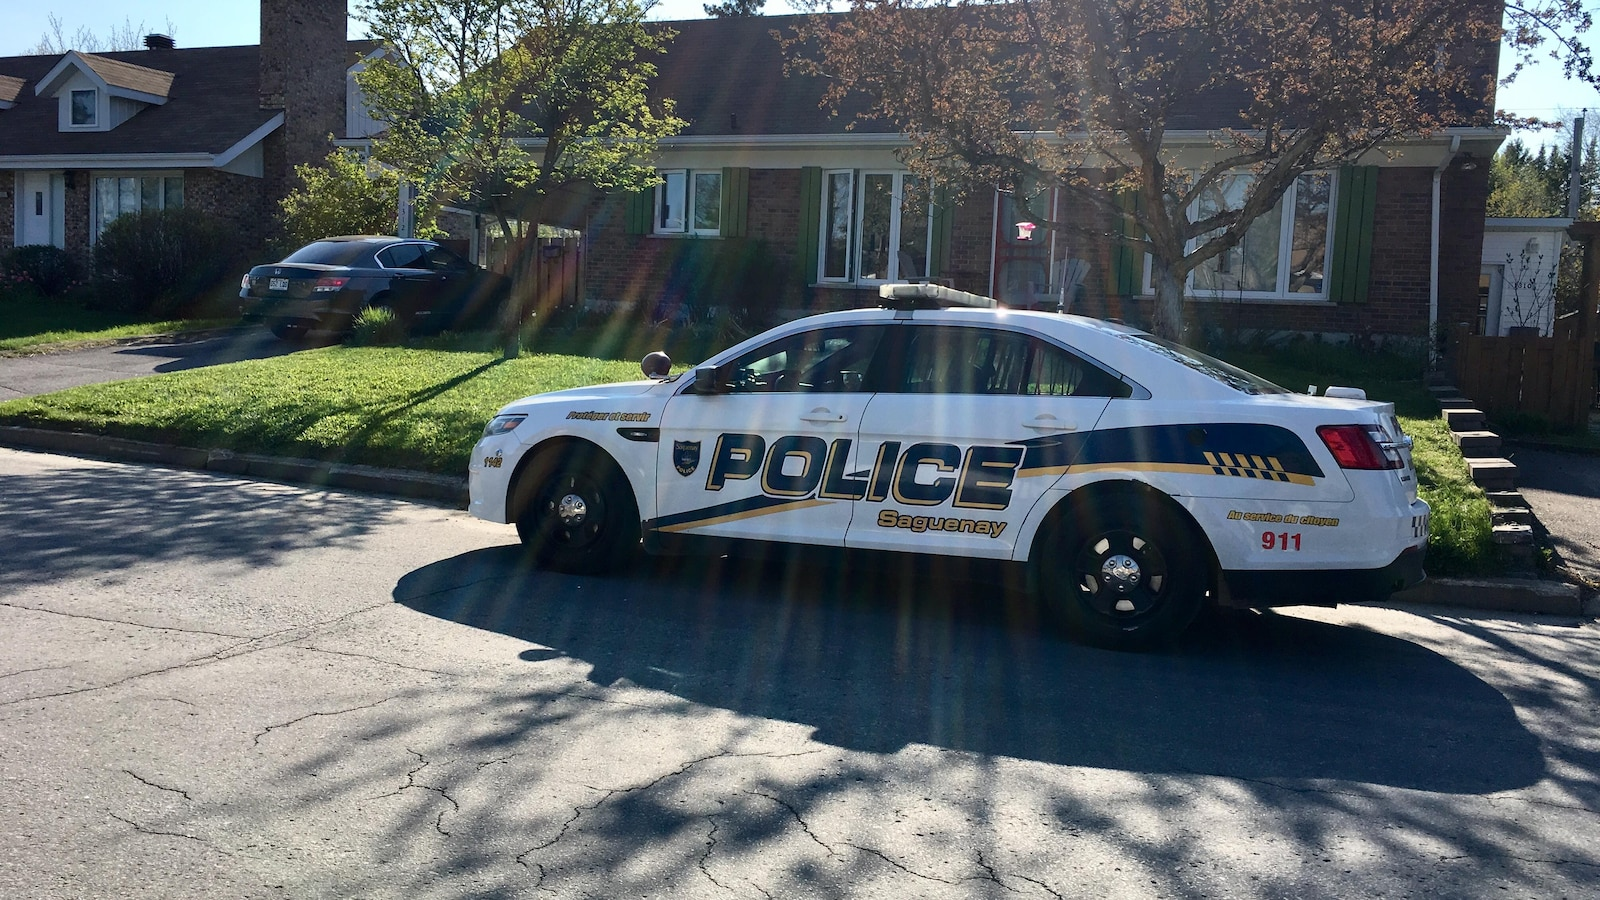 Une voiture de police devant une maison